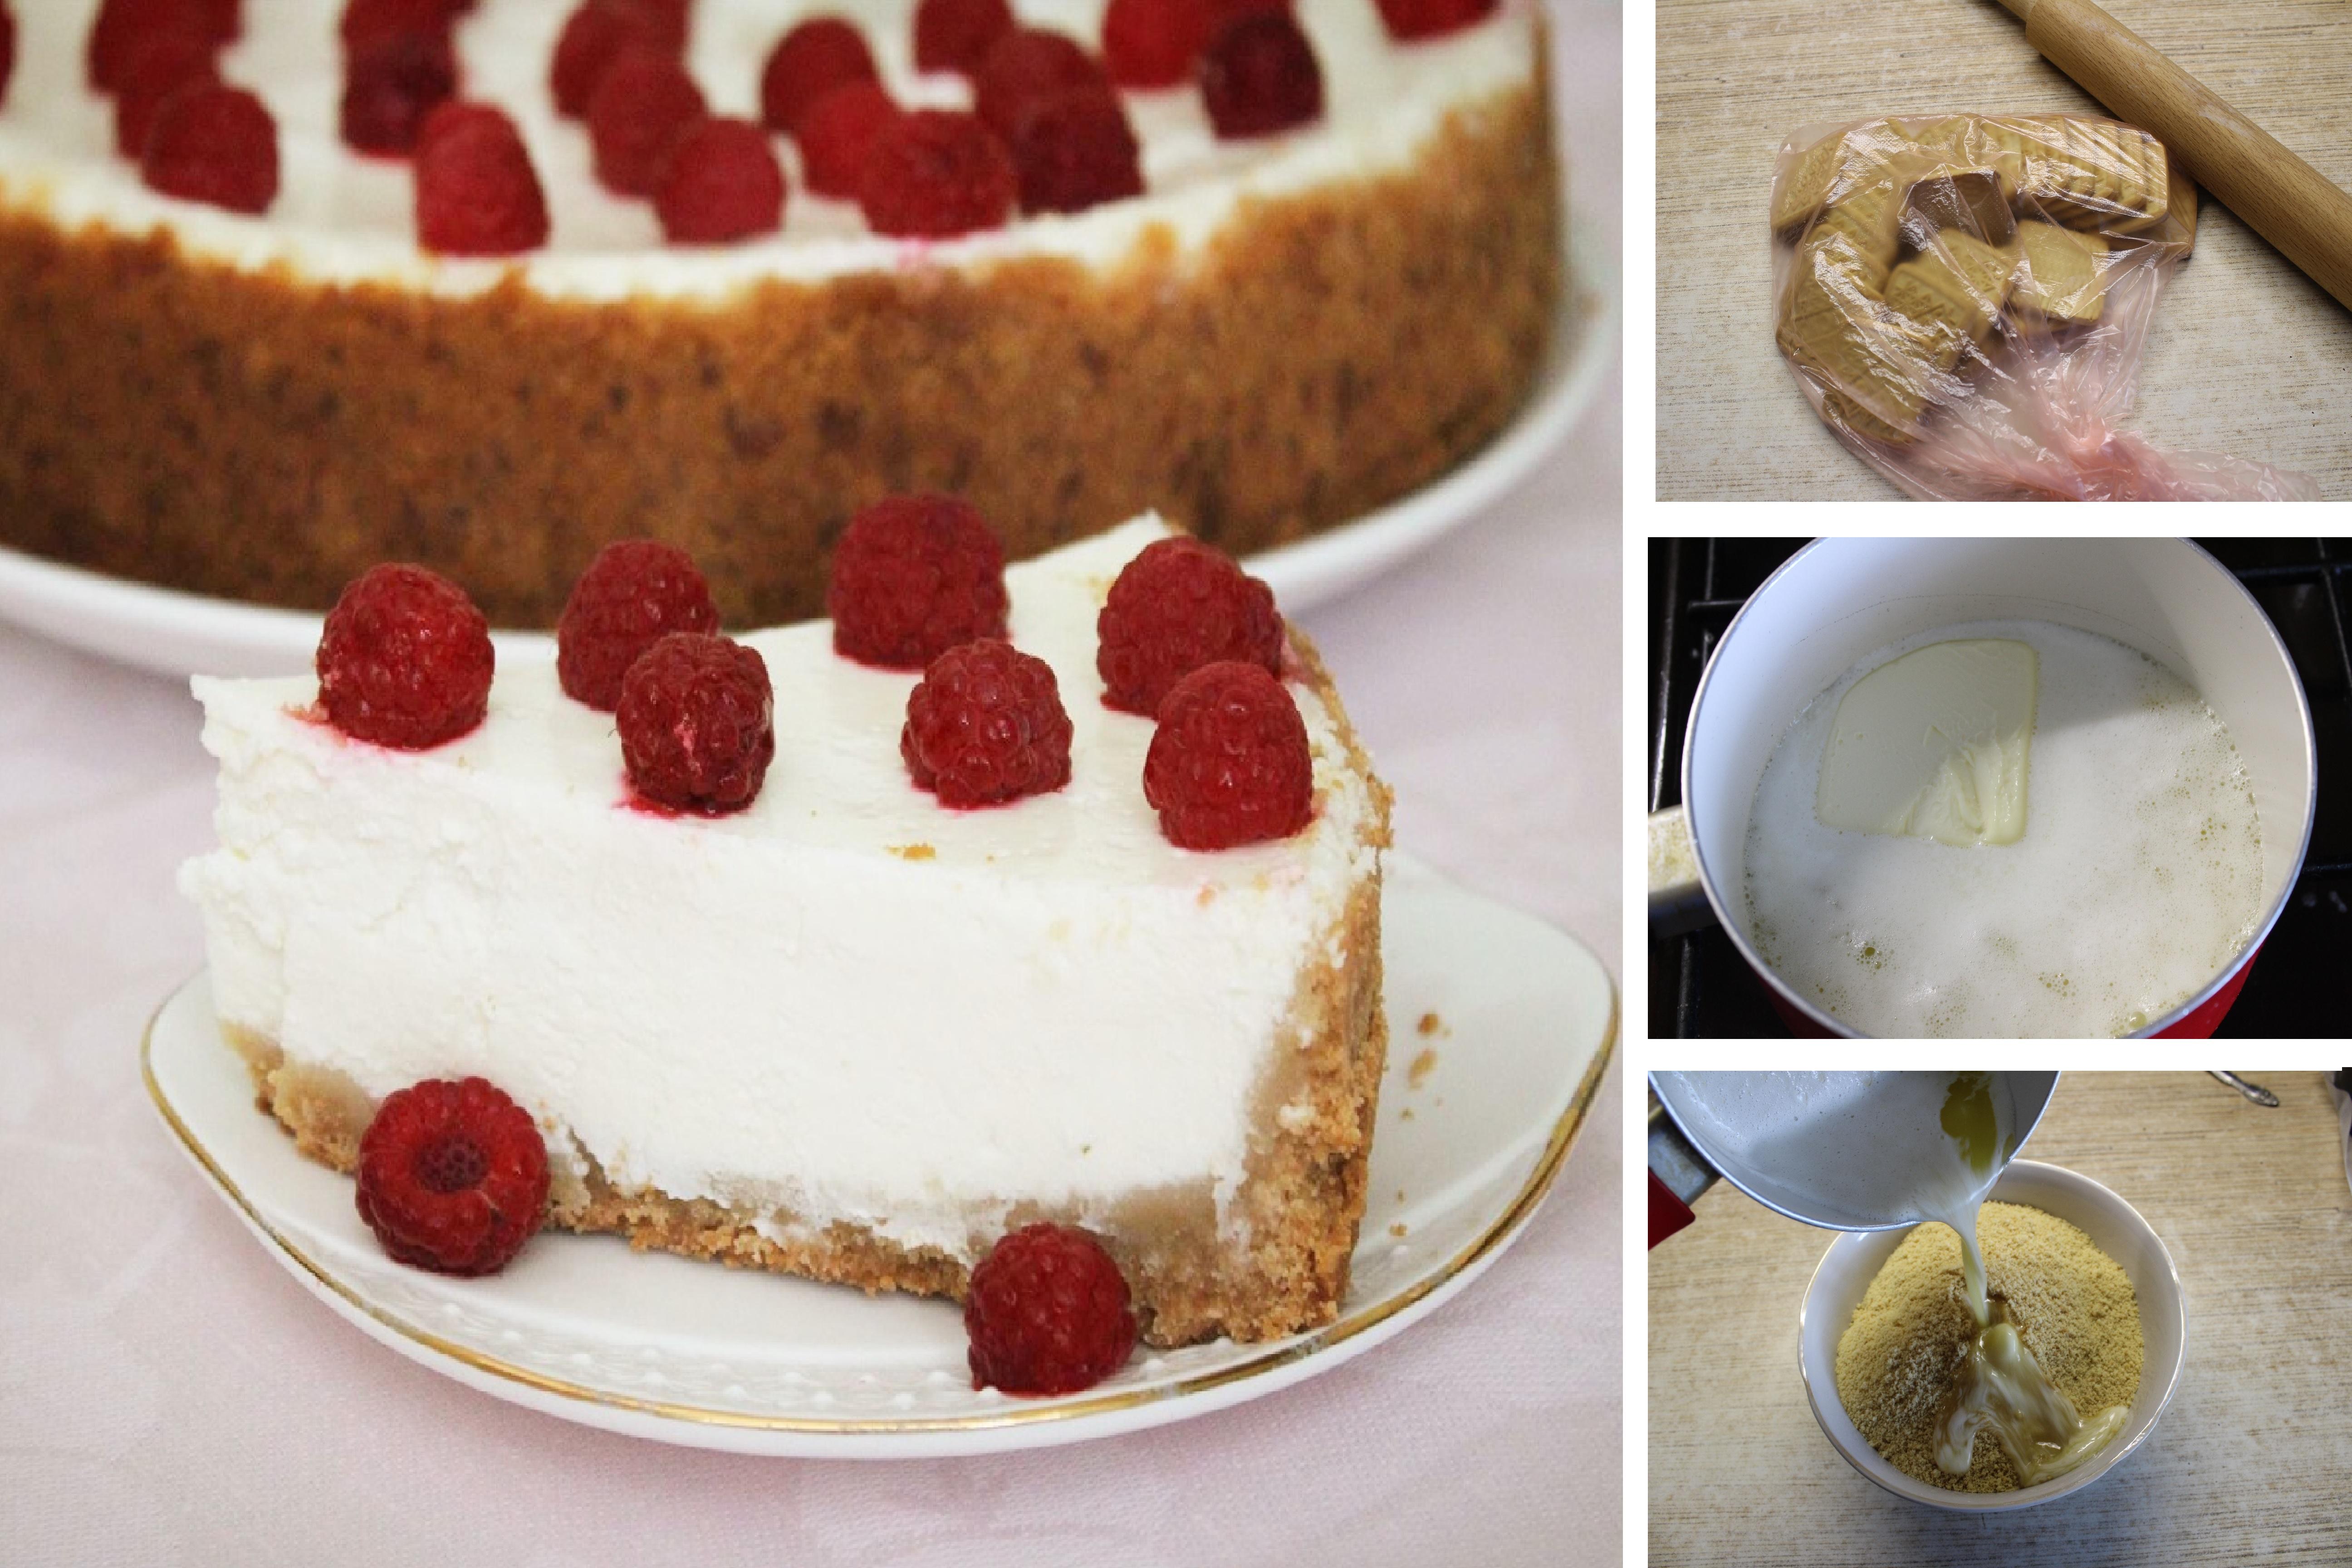 Творожный чизкейк с ягодами: пошаговый фото рецепт